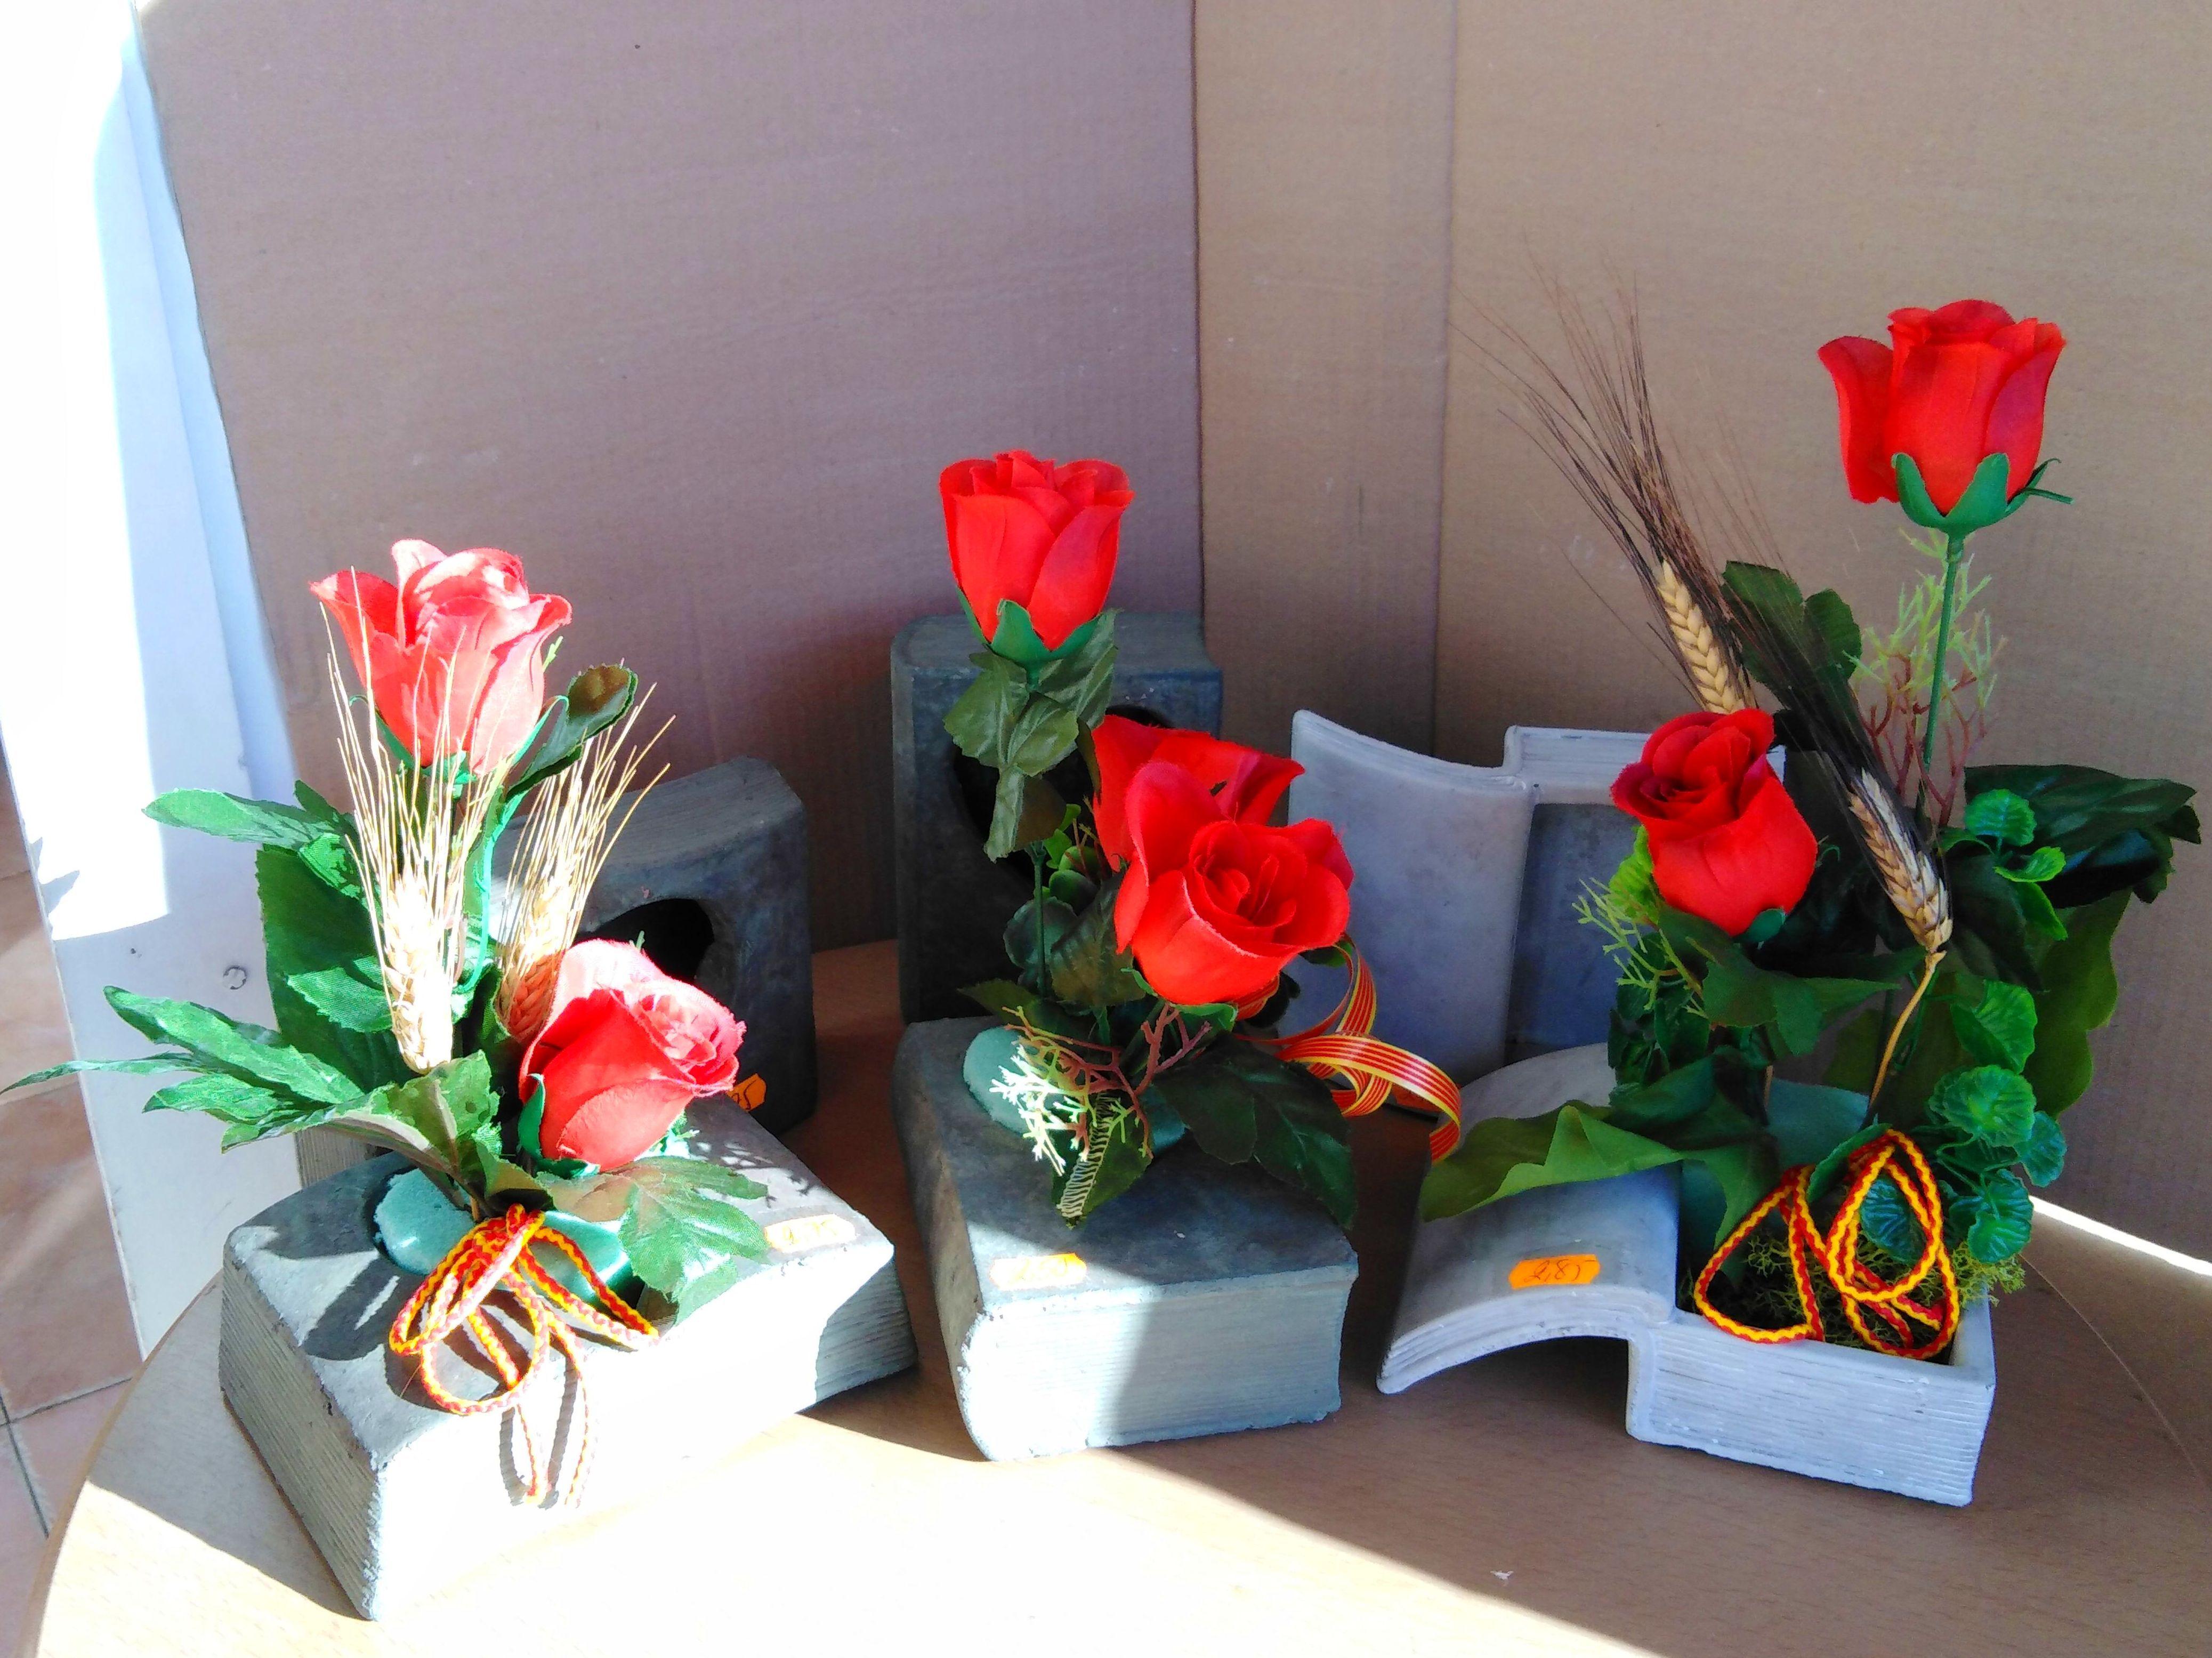 Foto 5 de Flores artificiales en Vilassar de Mar | Fernando Gallego, S.C.P.